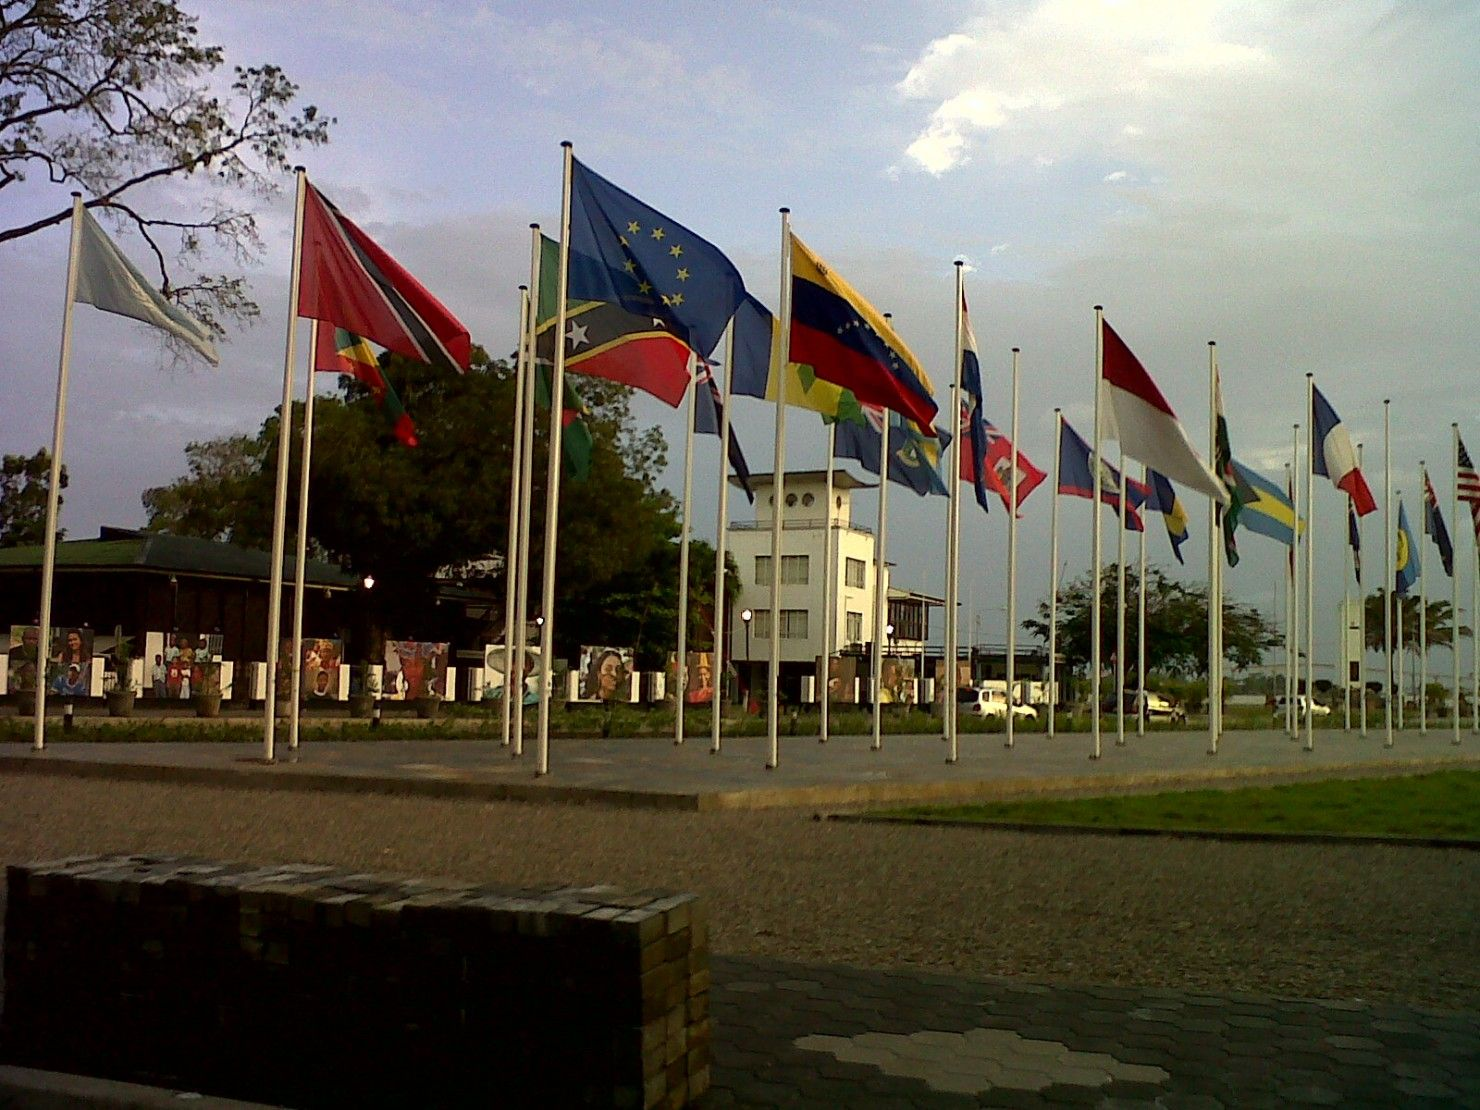 Vlaggenmast-voor-vlaggen